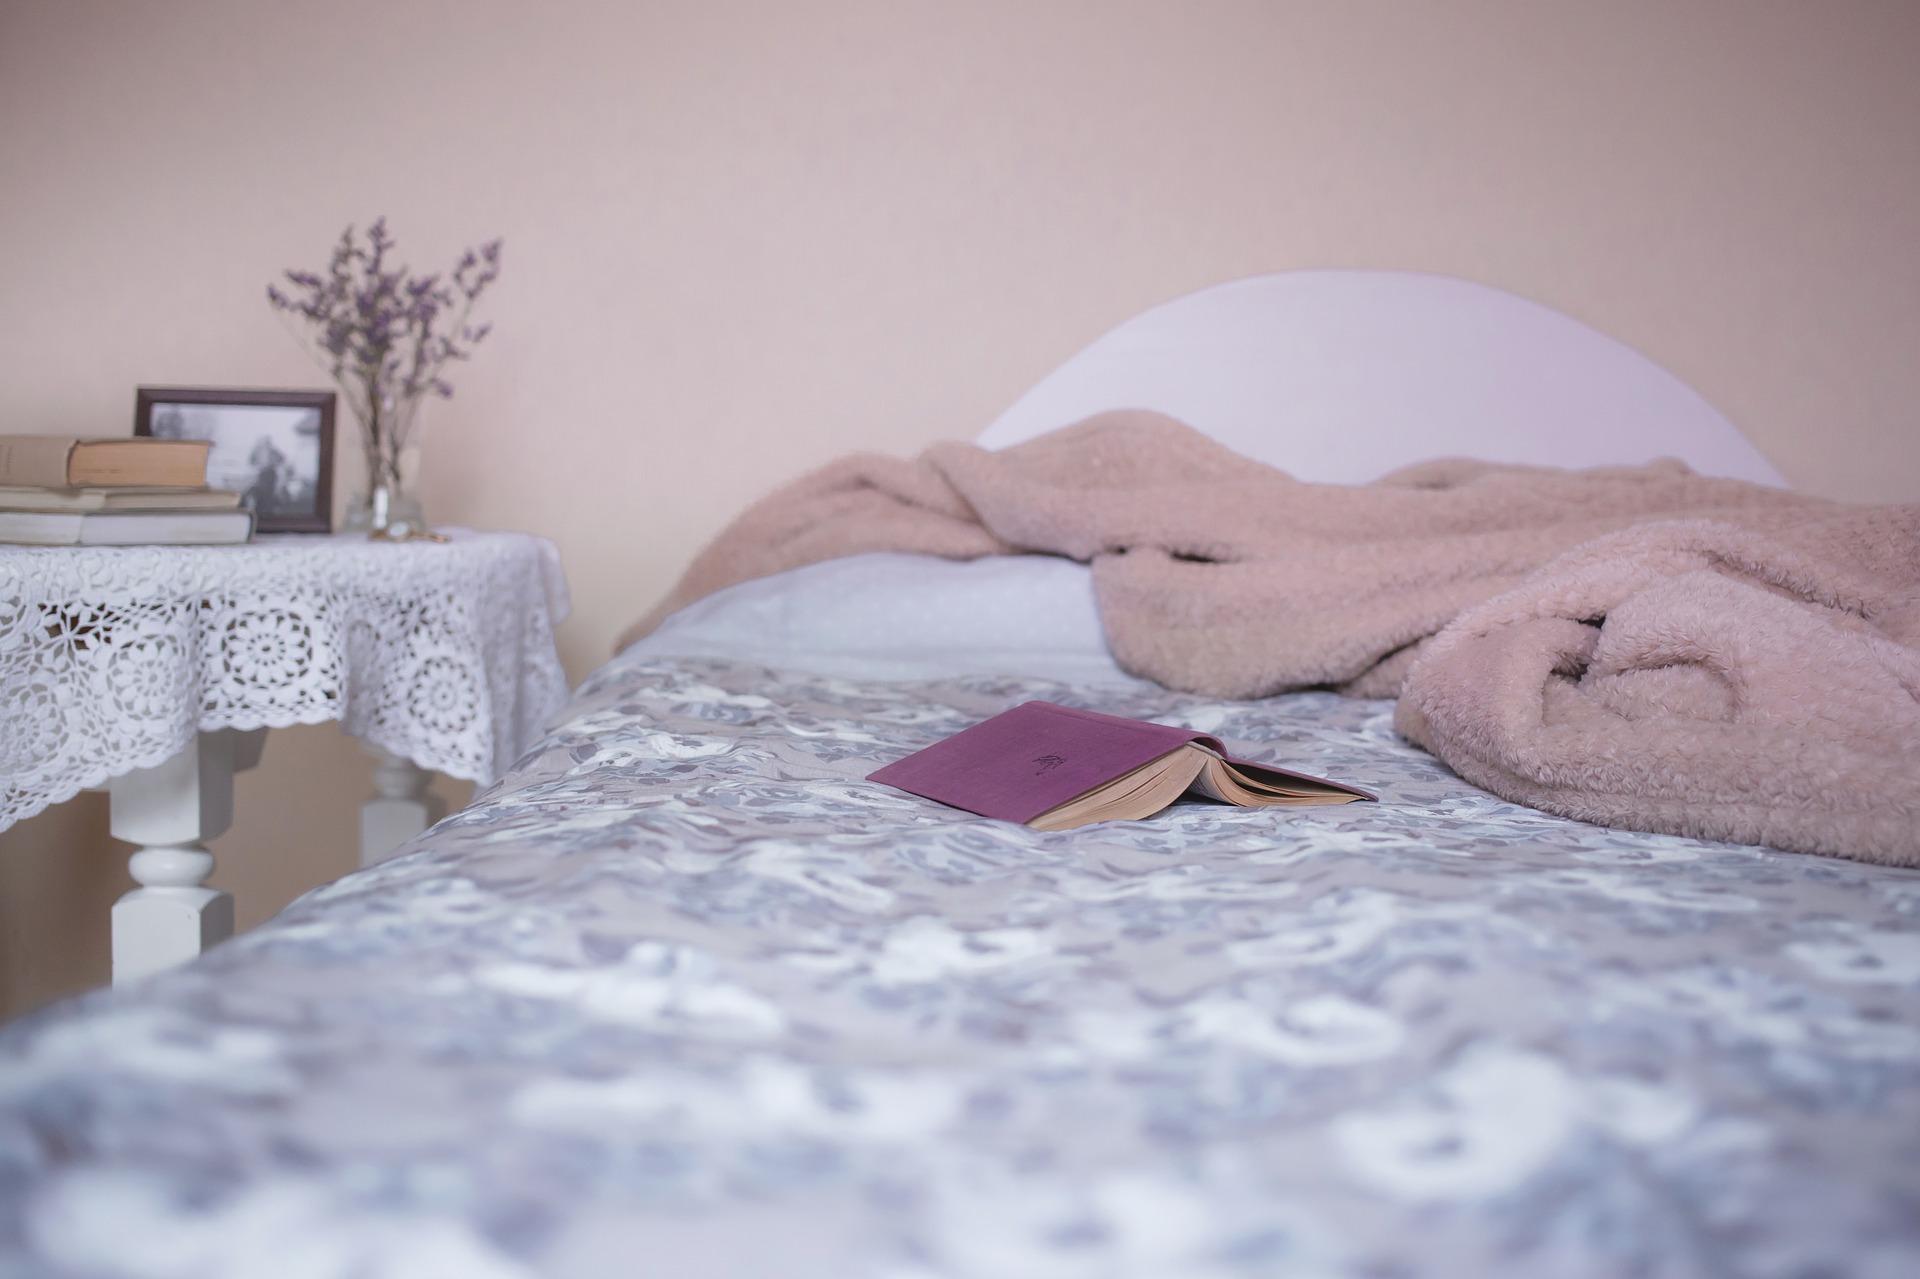 כיצד המצעים שלכם משפיעים על איכות השינה?